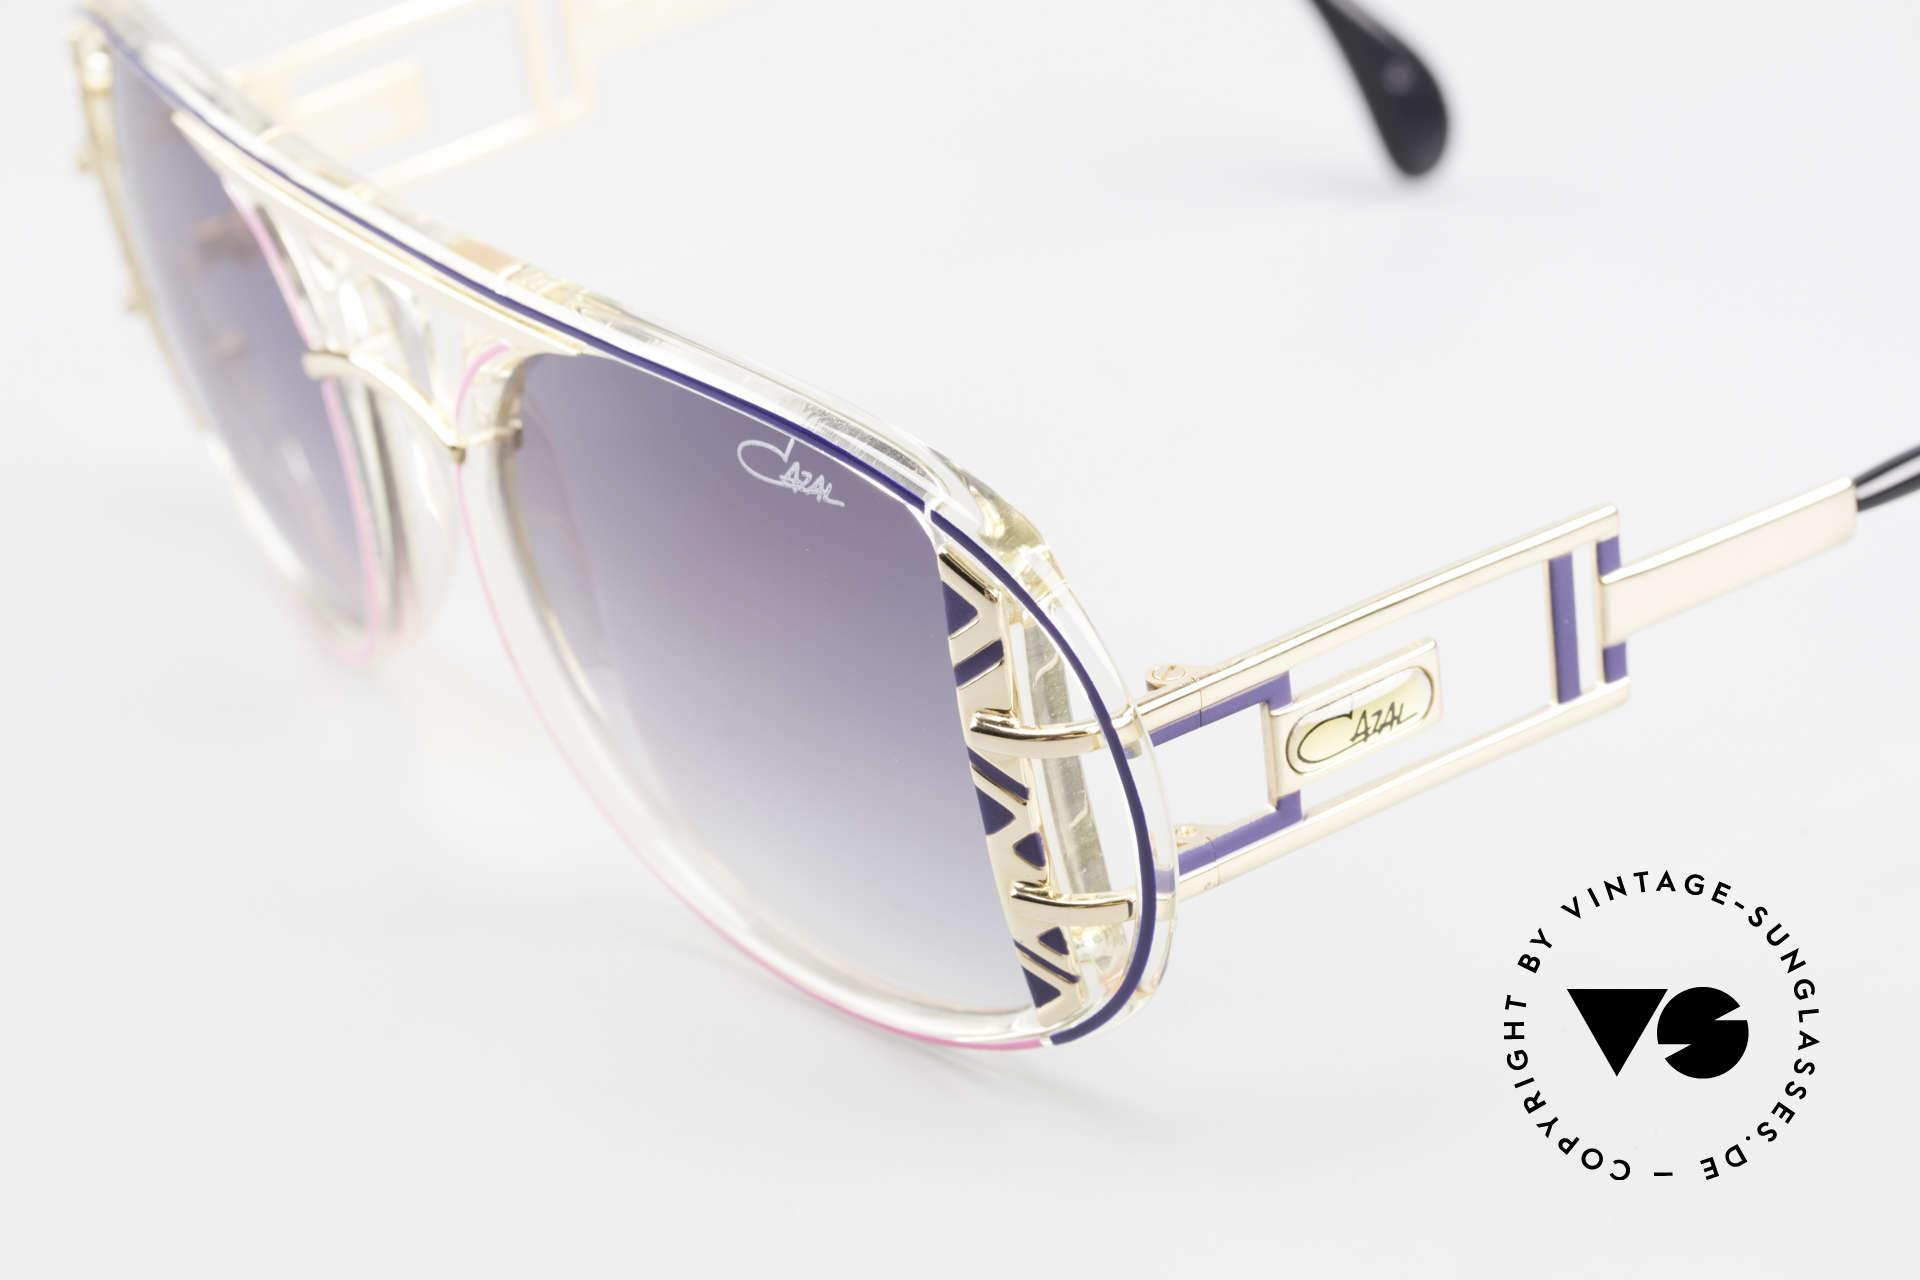 Cazal 875 Rare Designer Sonnenbrille, ein echter vintage Hingucker; zudem in Top-Qualität, Passend für Herren und Damen